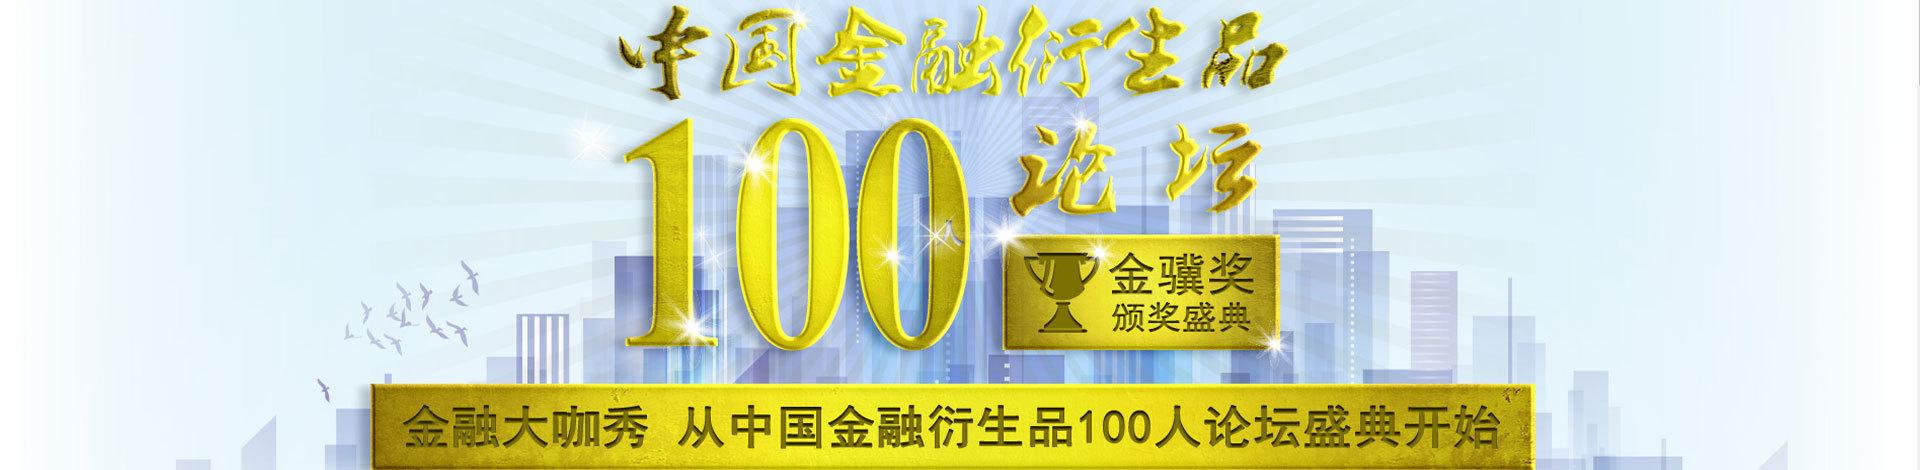 """中国金融衍生品100人论坛暨""""金骥奖""""颁奖盛典"""